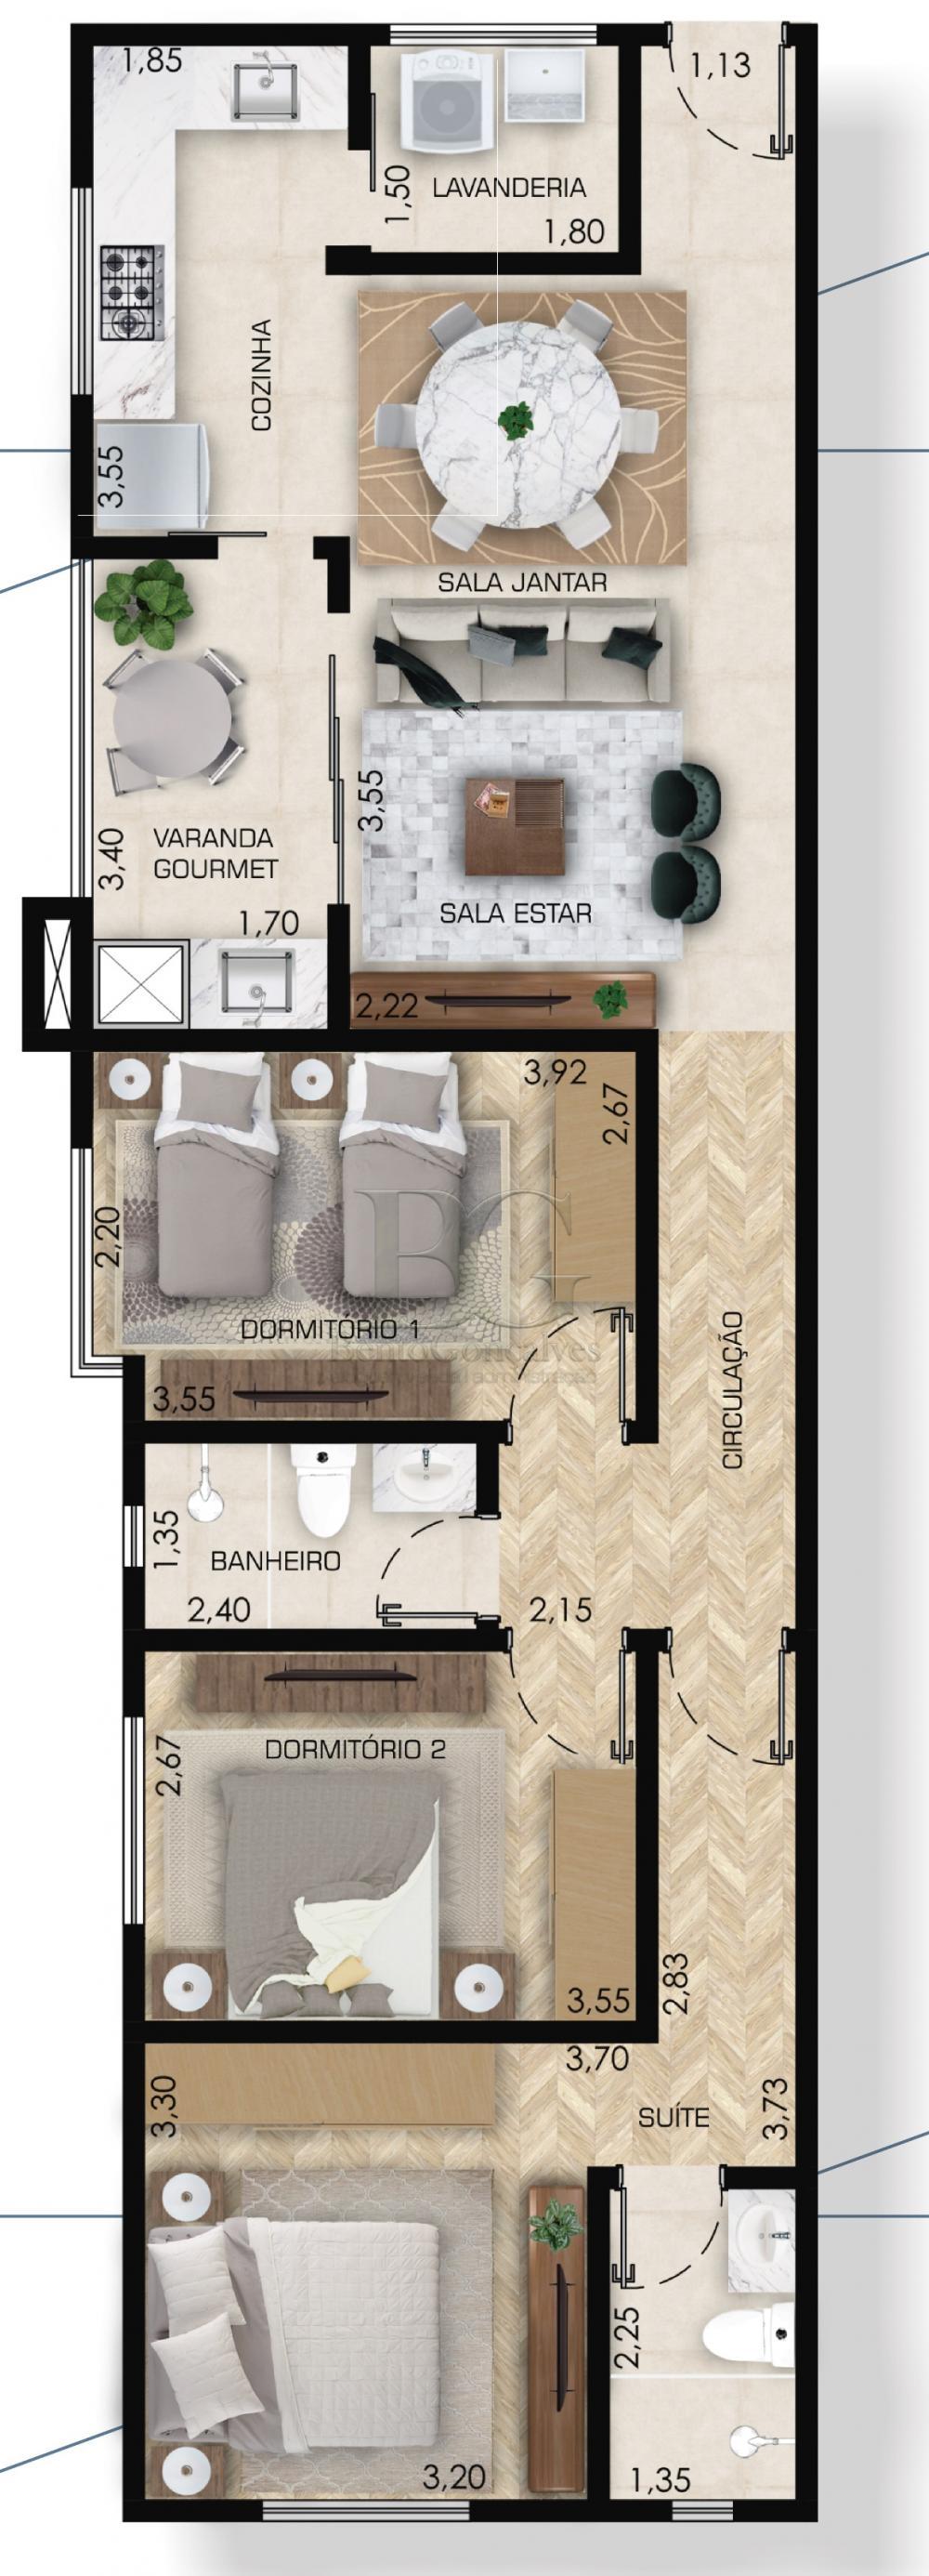 Comprar Apartamentos / Padrão em Poços de Caldas apenas R$ 374.000,00 - Foto 6